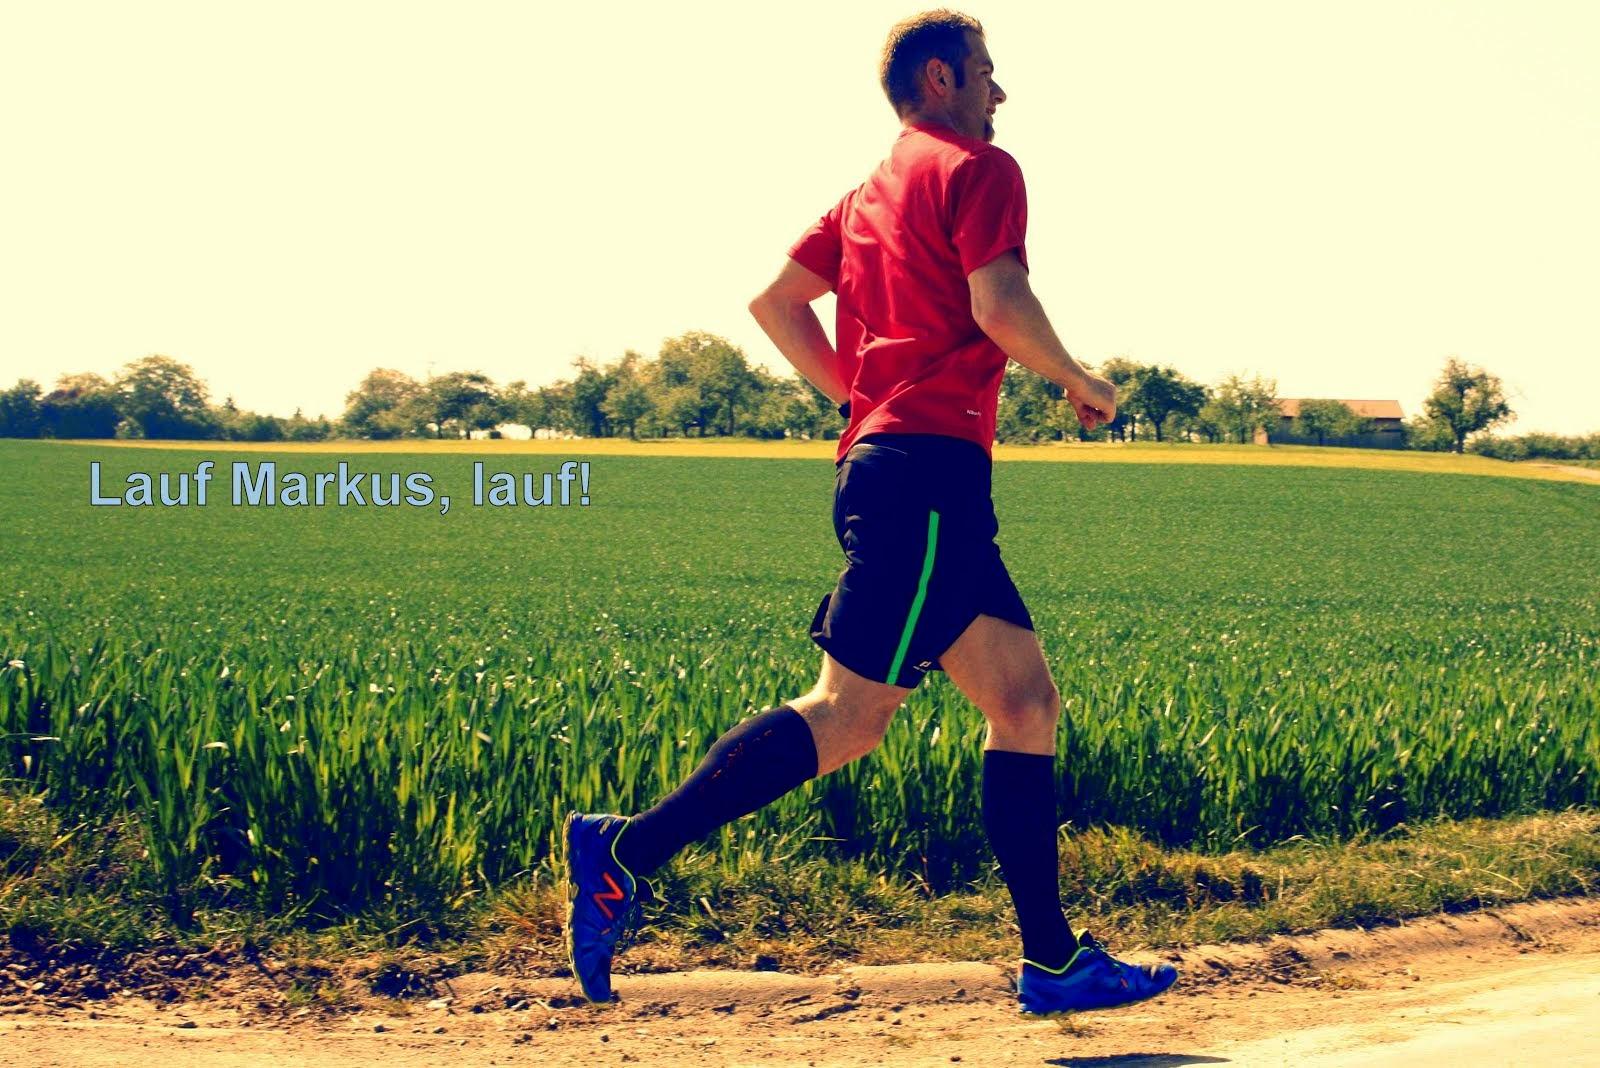 Lauf Markus, lauf!